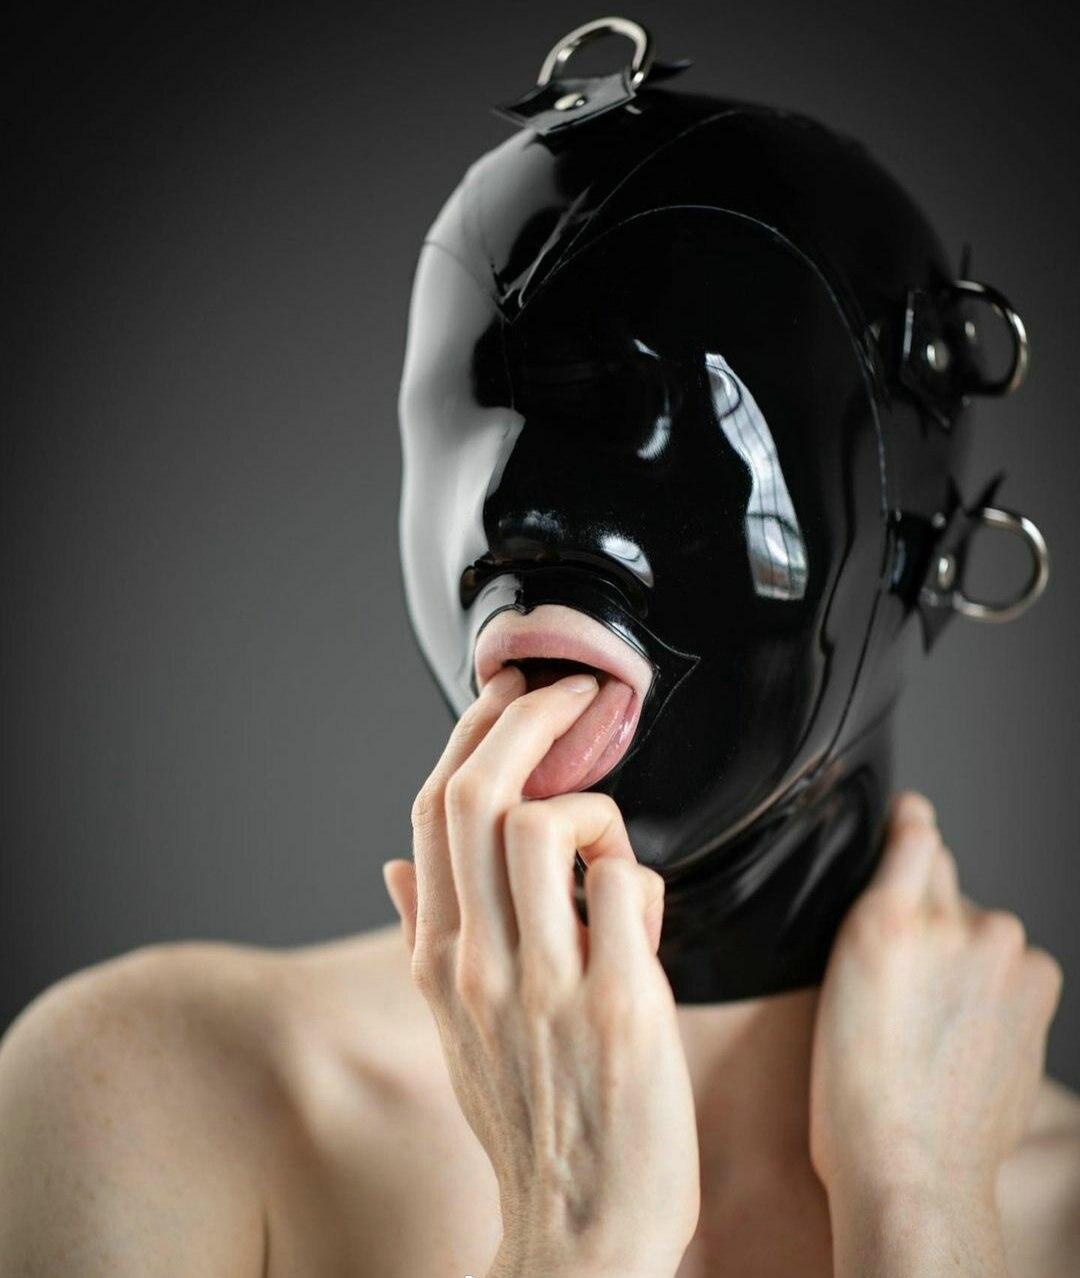 Фетиш-капюшон 100% натуральный латекс маска с открытым ртом сексуальный резиновый капюшон взрослый головной убор под заказ без серебряного круга